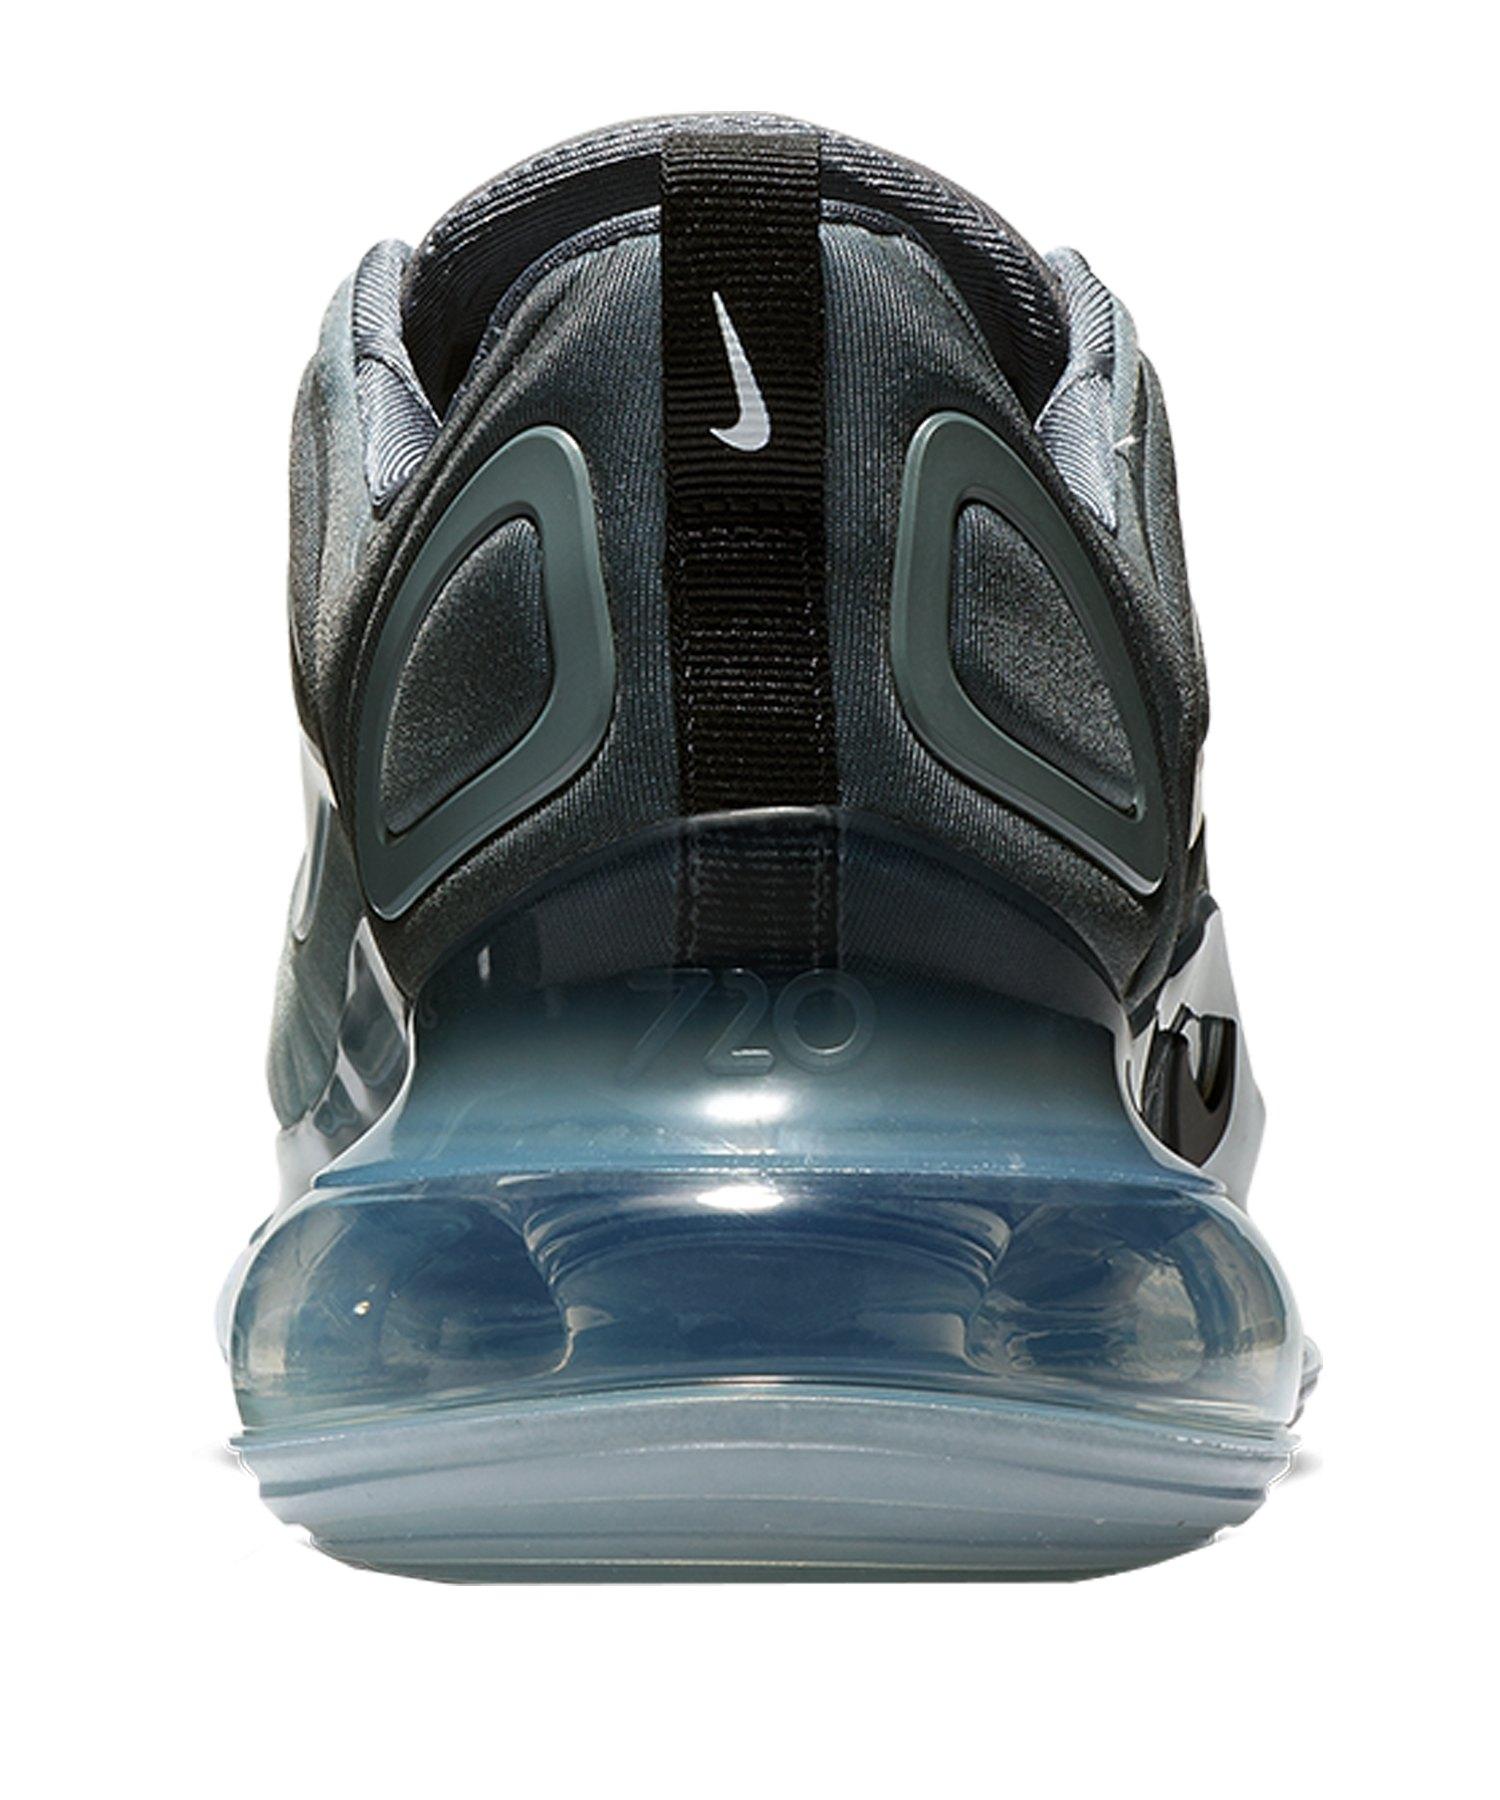 hot sale online 17273 df51d ... Nike Air Max 720 Sneaker Grau Grün F002 - grau ...